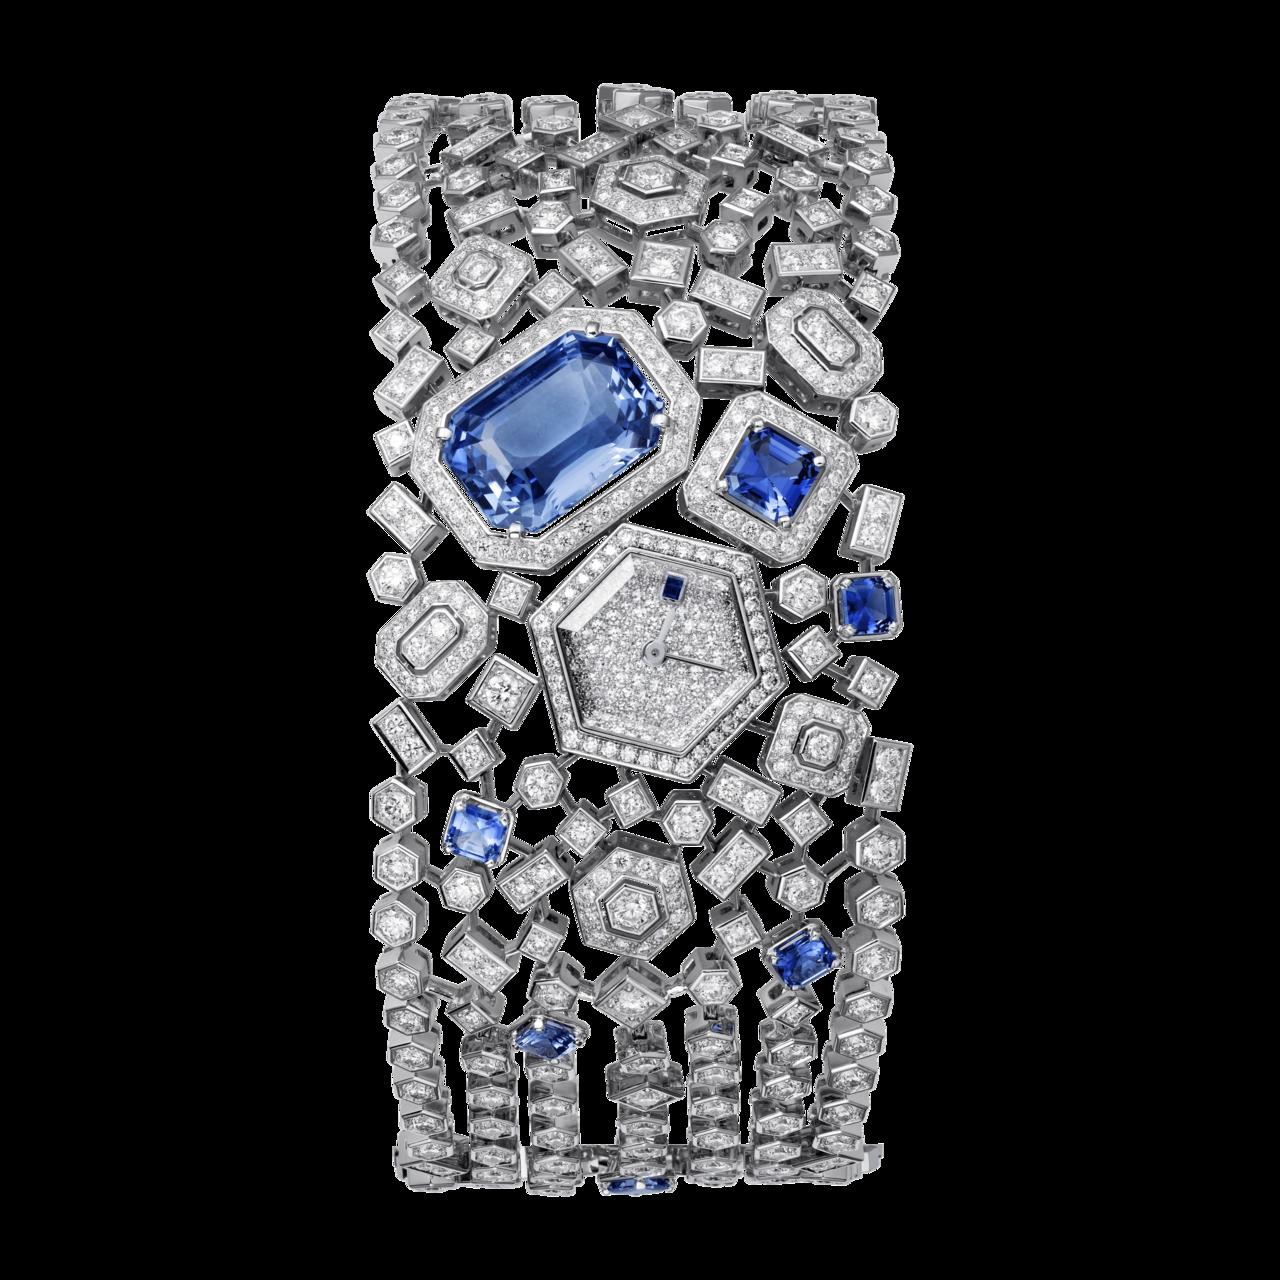 卡地亞頂級珠寶系列藍寶石腕表,白k金鑲嵌 8 顆共重 12.49 克拉的藍色藍寶...